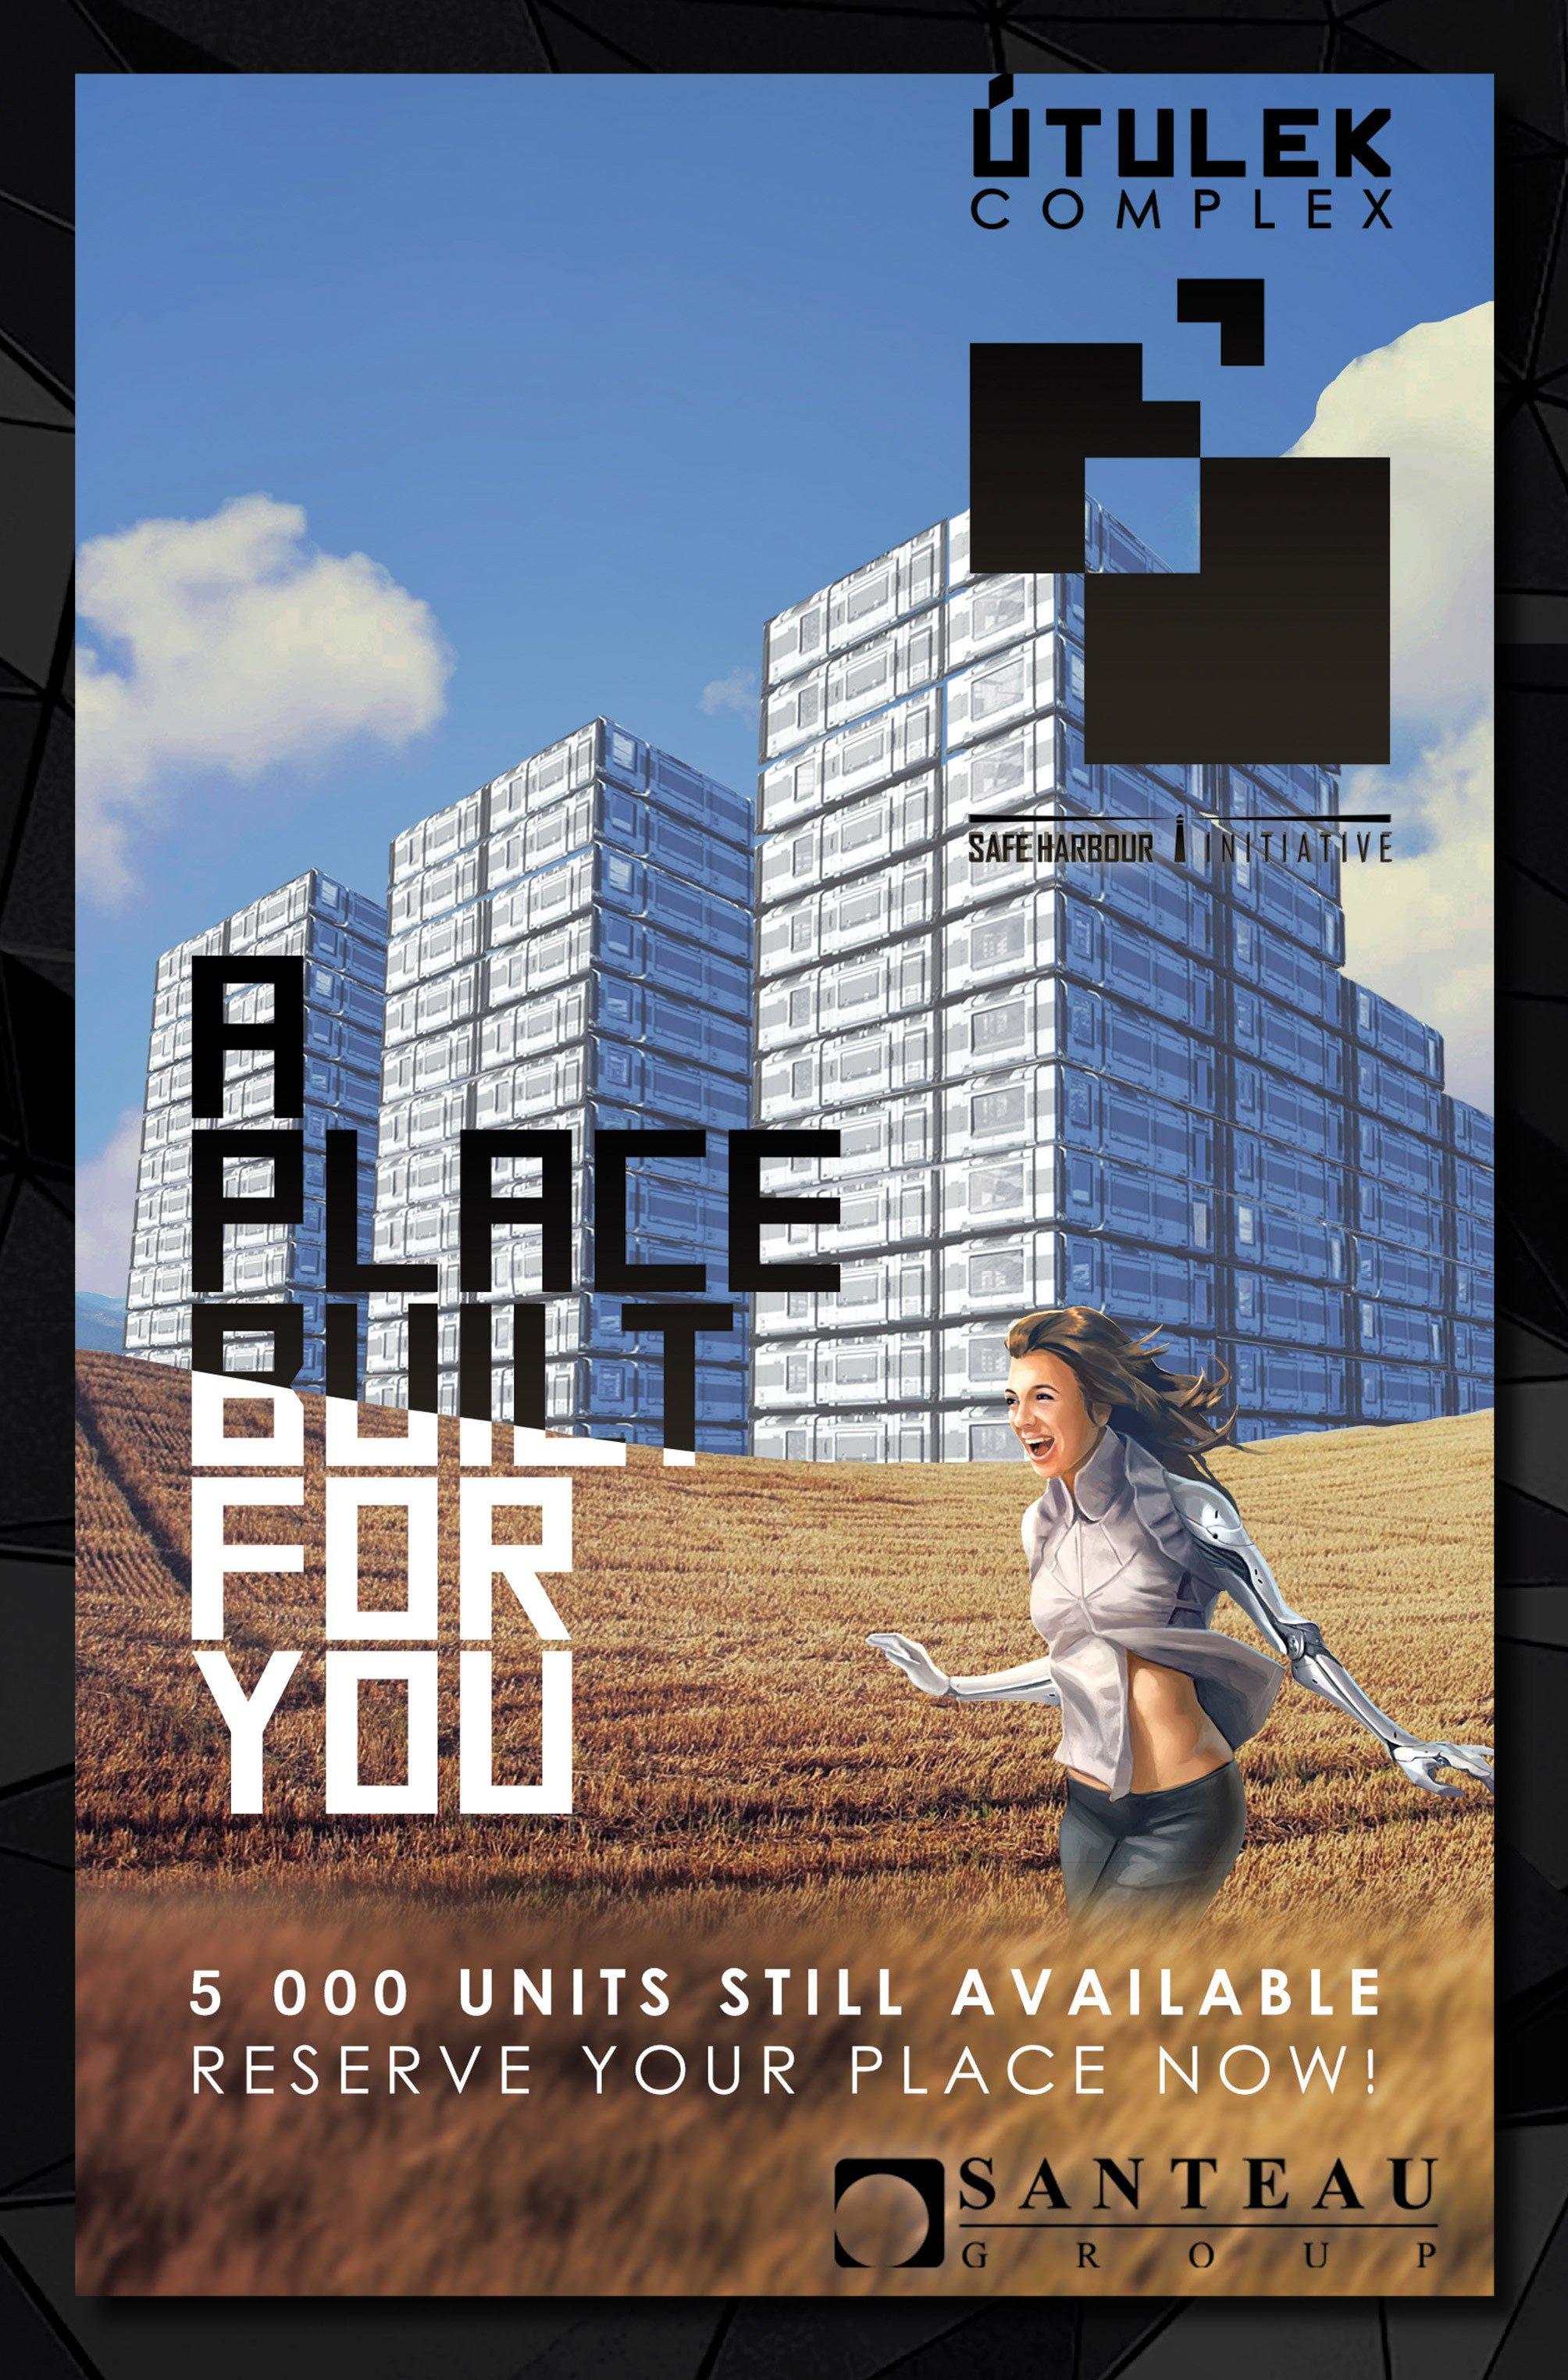 Агитплакаты Deus Ex, которые можно найти в комикс-серии Deus Ex Universe - Children's Crusade. - Изображение 1